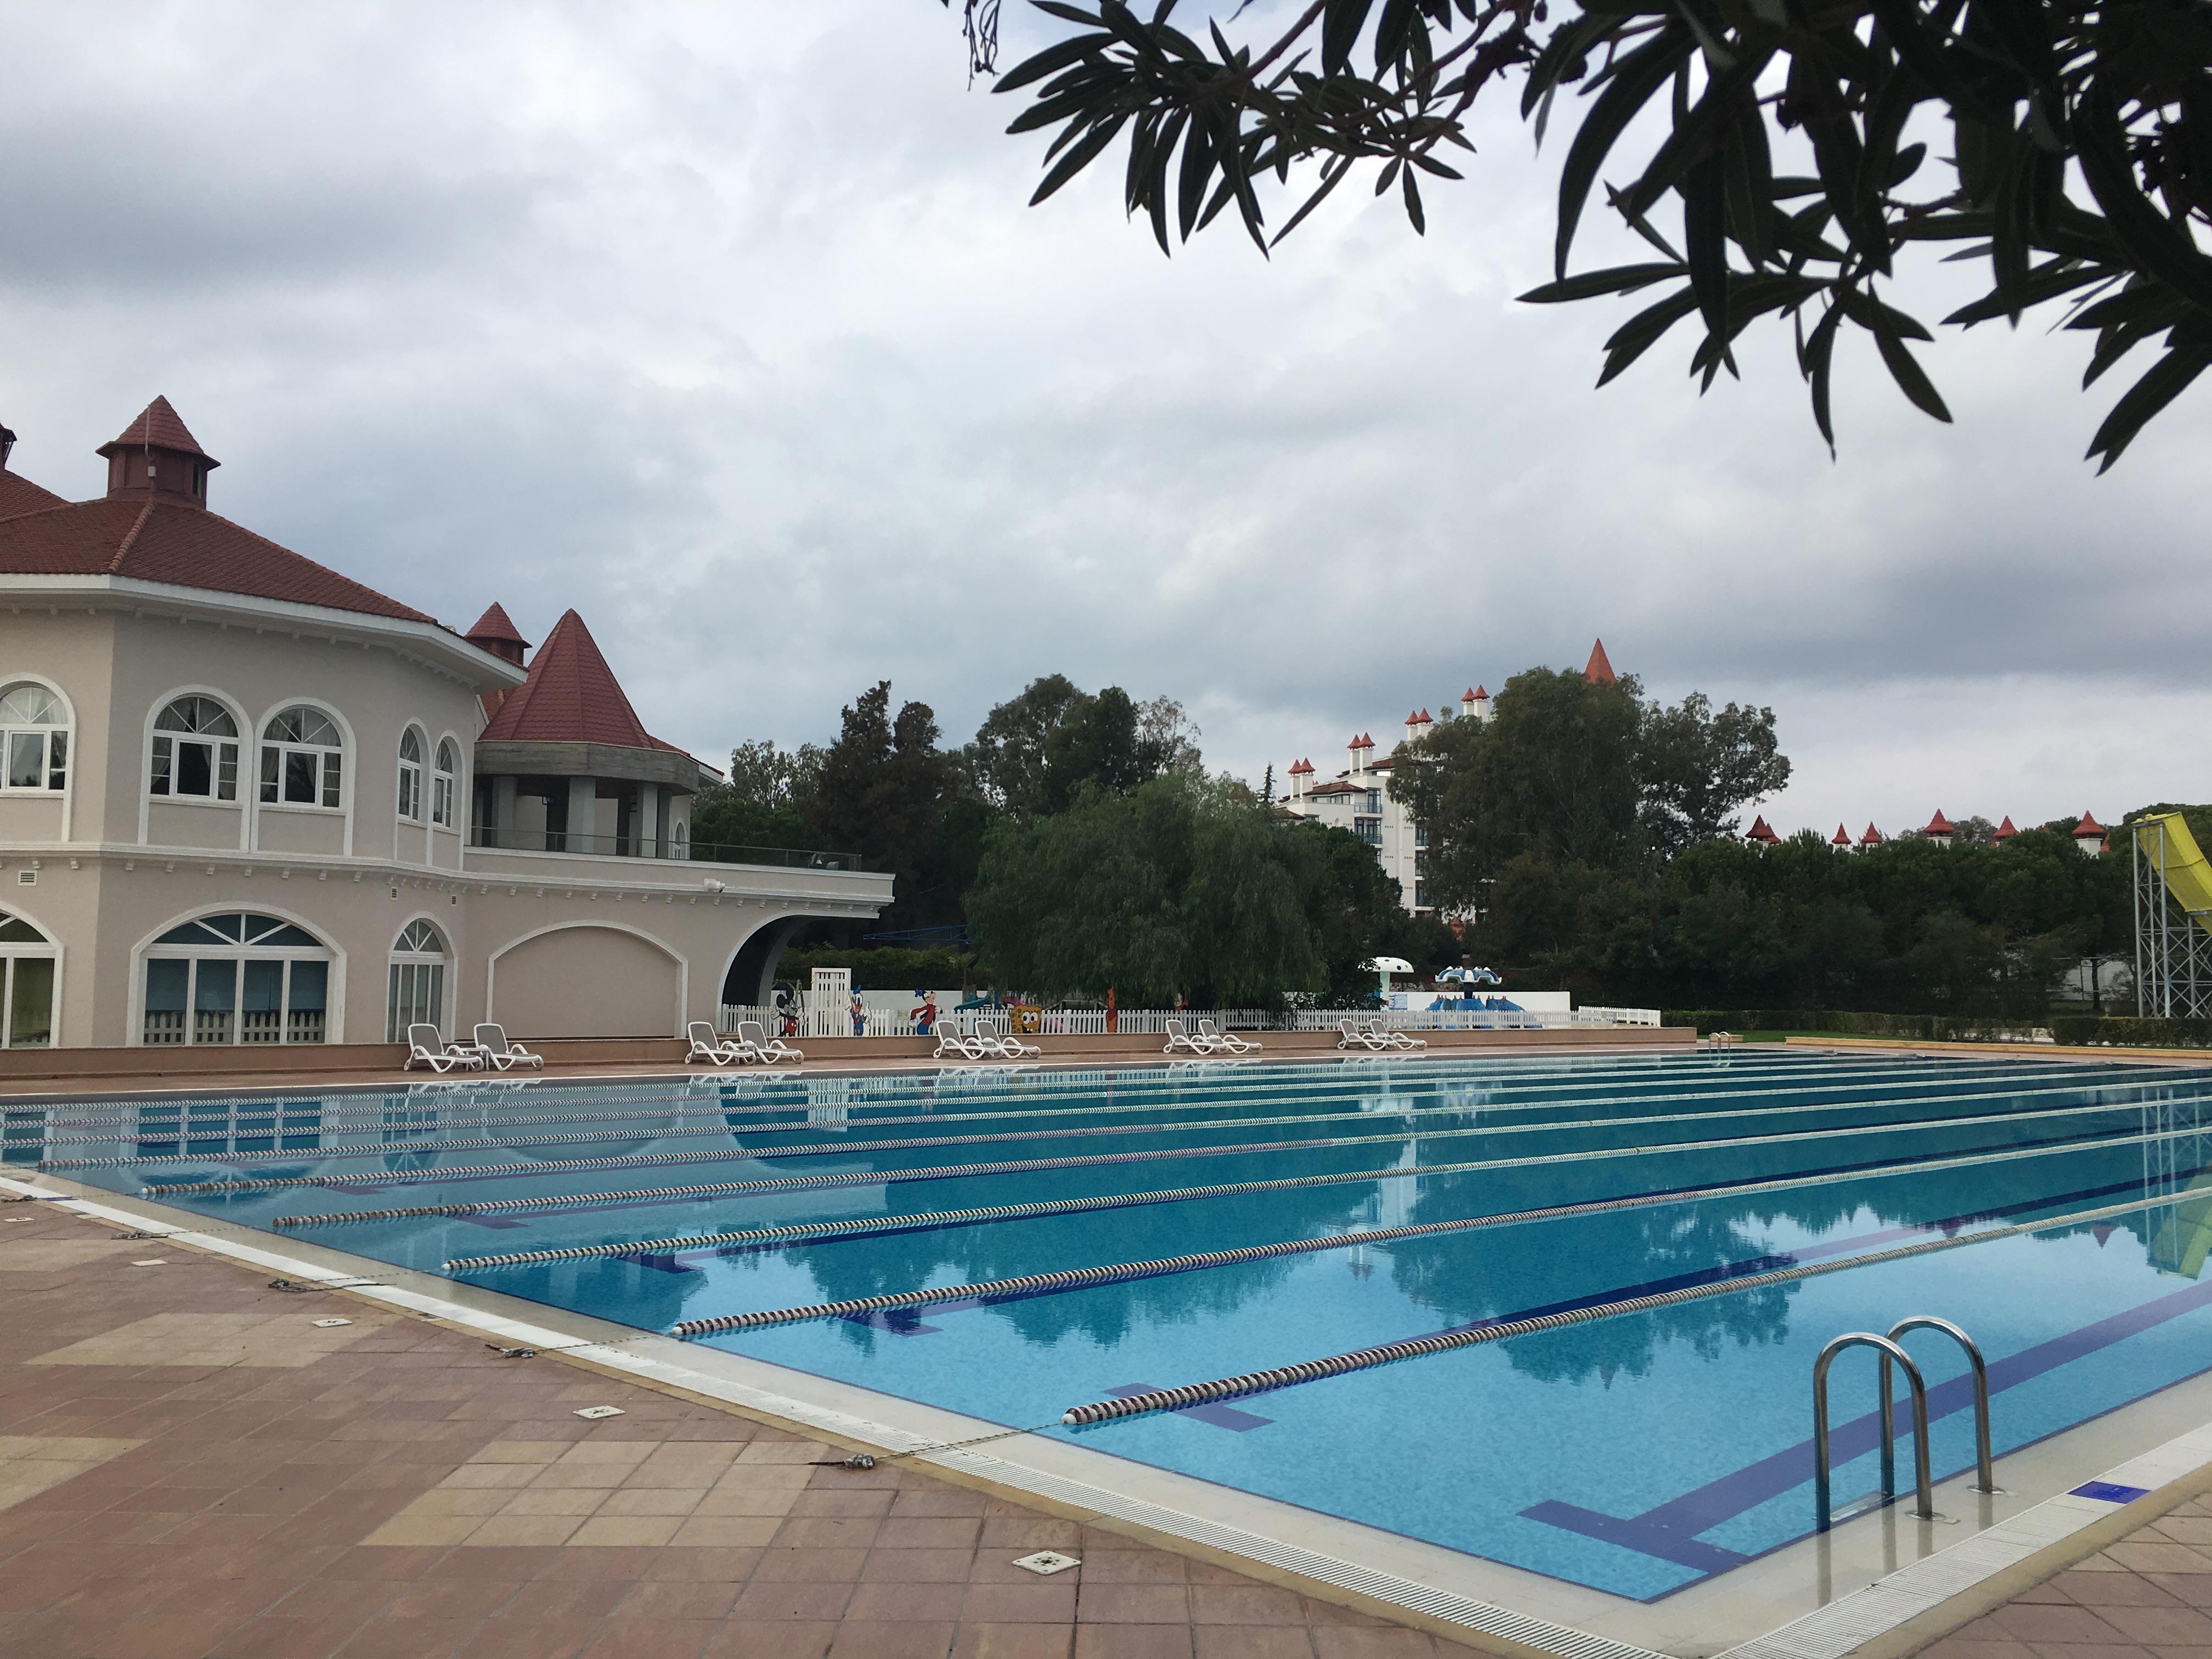 Neben dem Golfen bieten beide Hotels auch zahlreiche weitere Aktivitäten. (Foto: Golf Post)